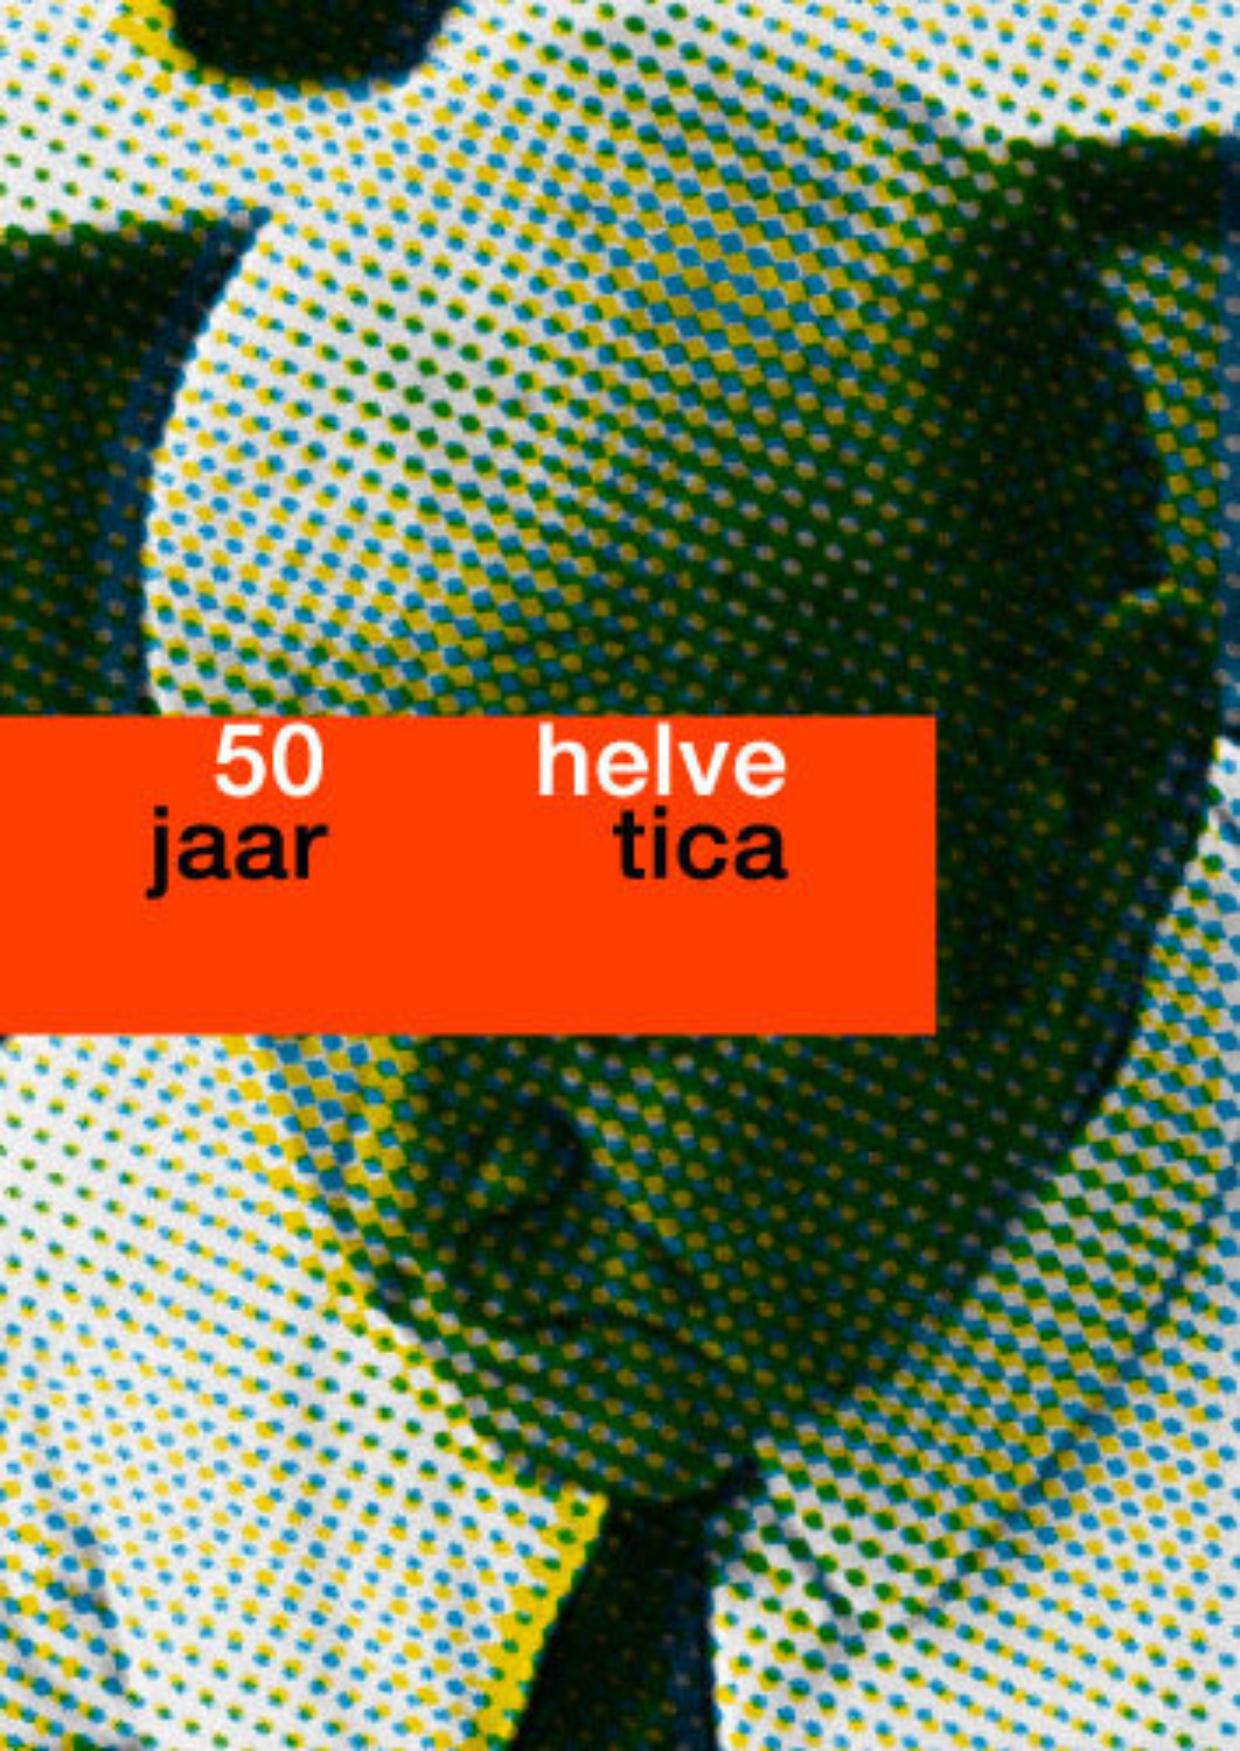 Boek 50 Jaar Helvetica